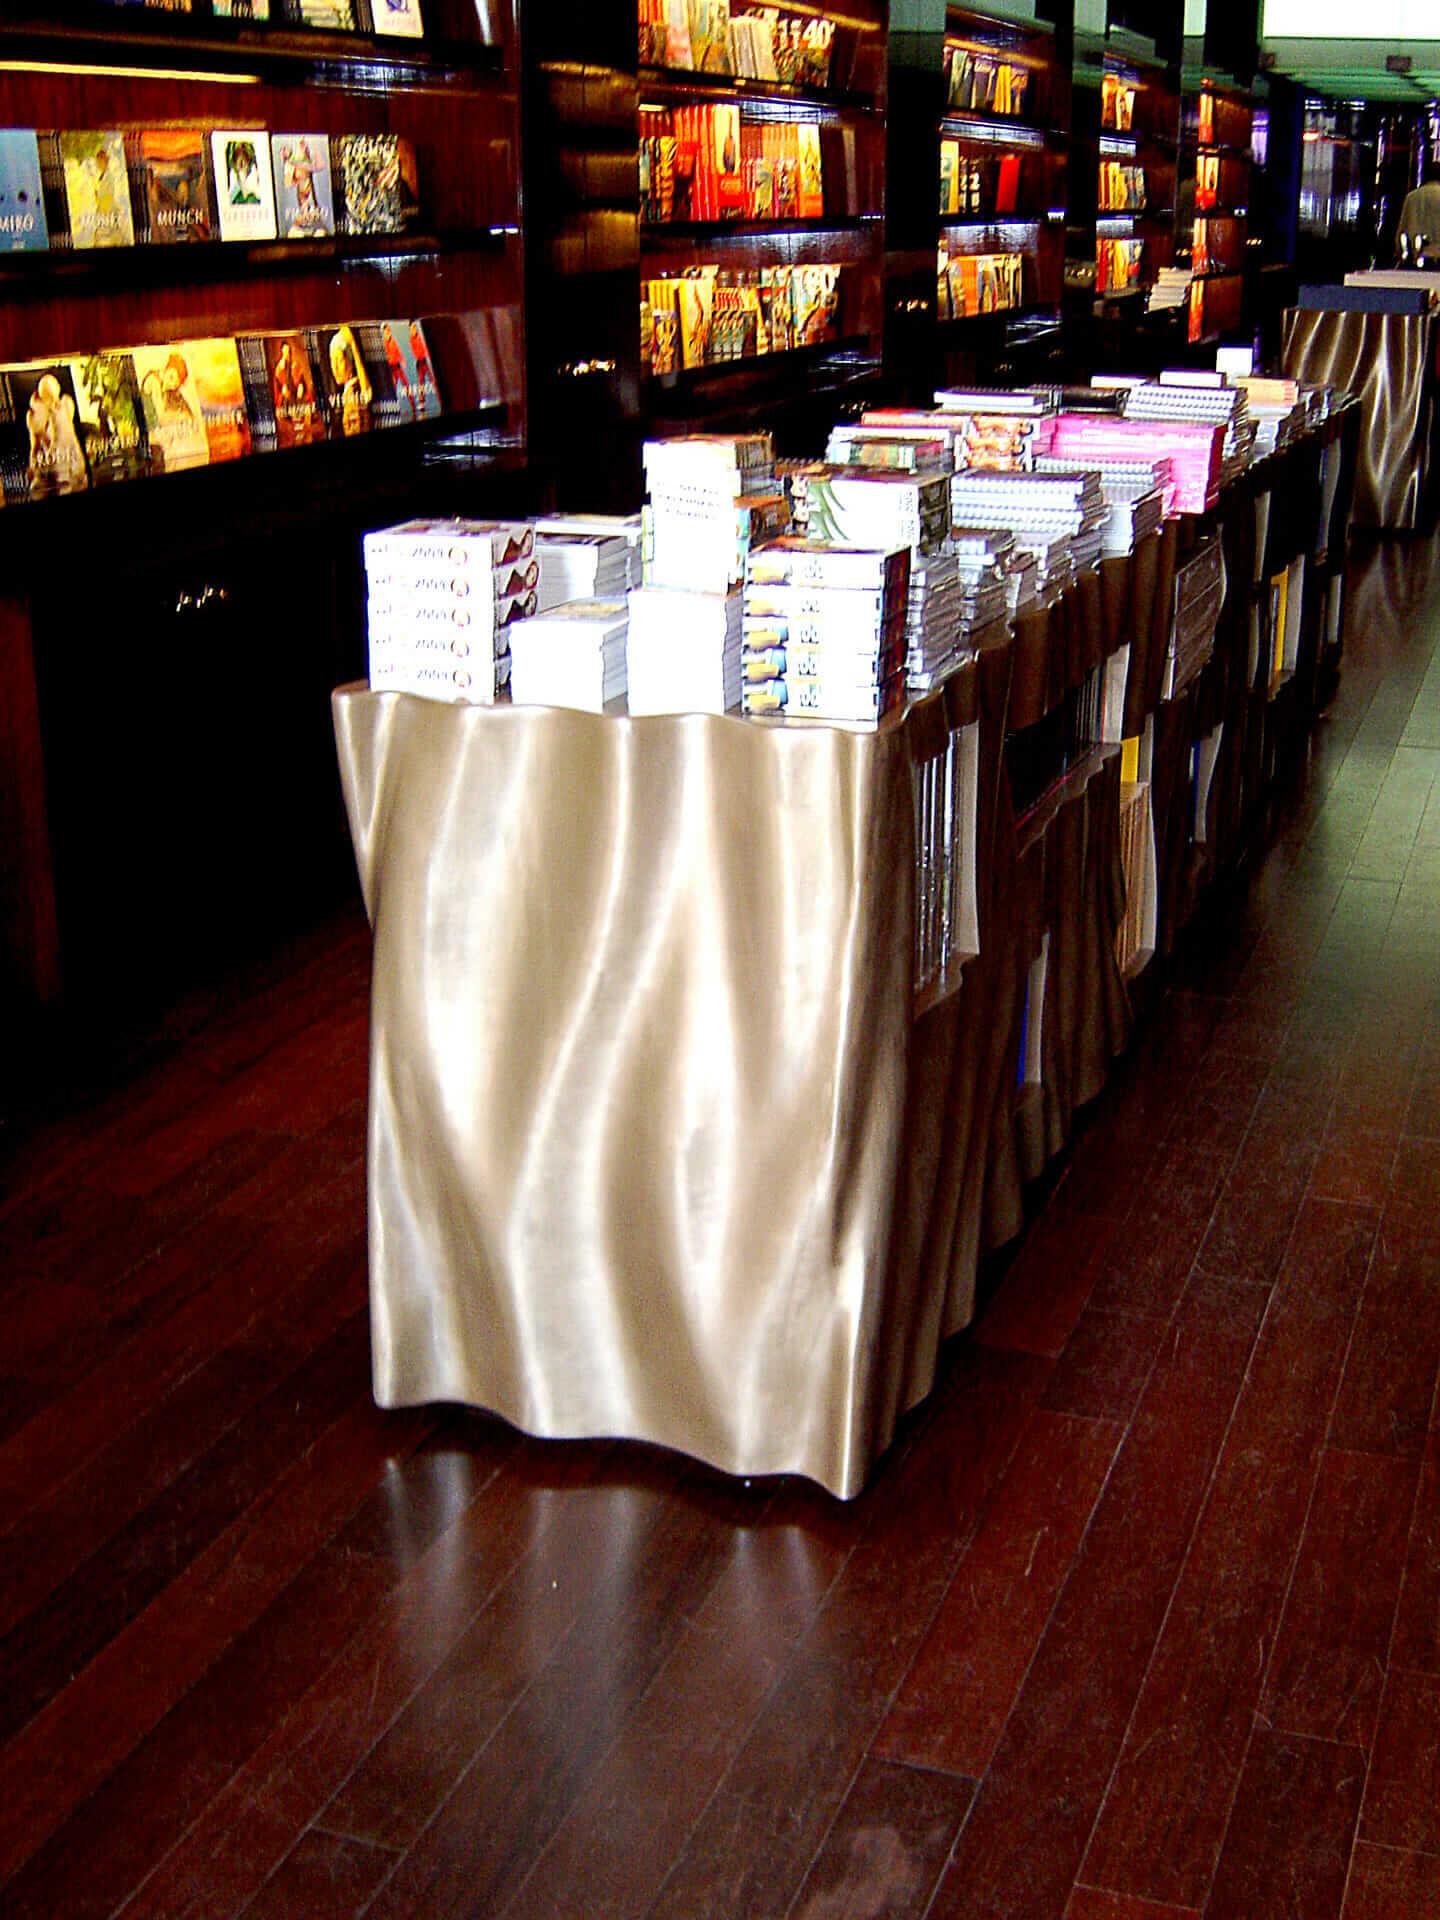 Taschen furniture postdigital artisans